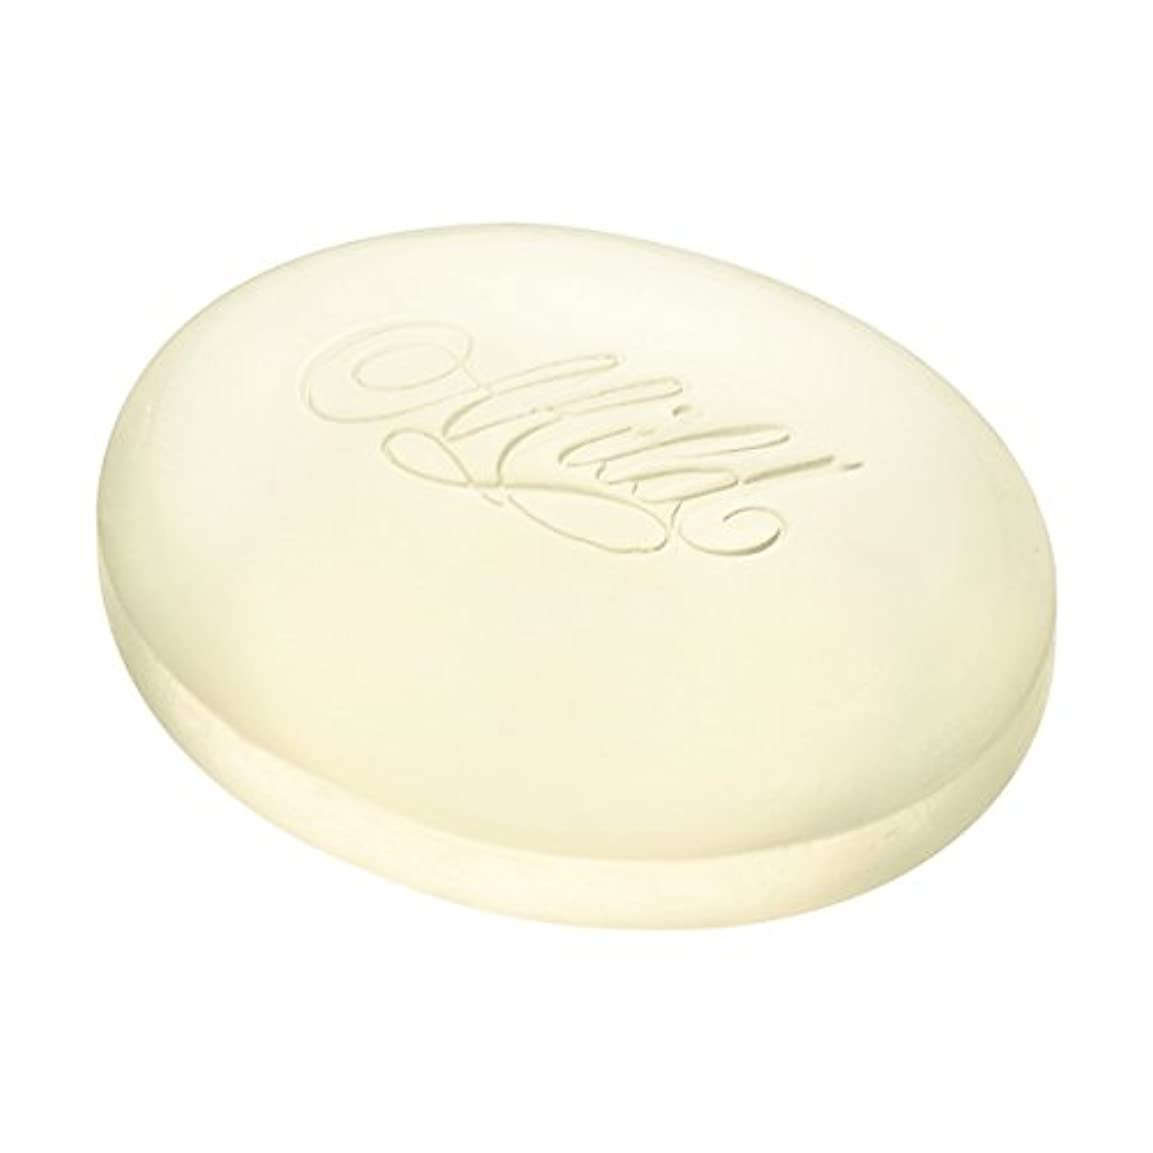 退化する寛大な正規化資生堂 マイルドケーキ 標準重量100g